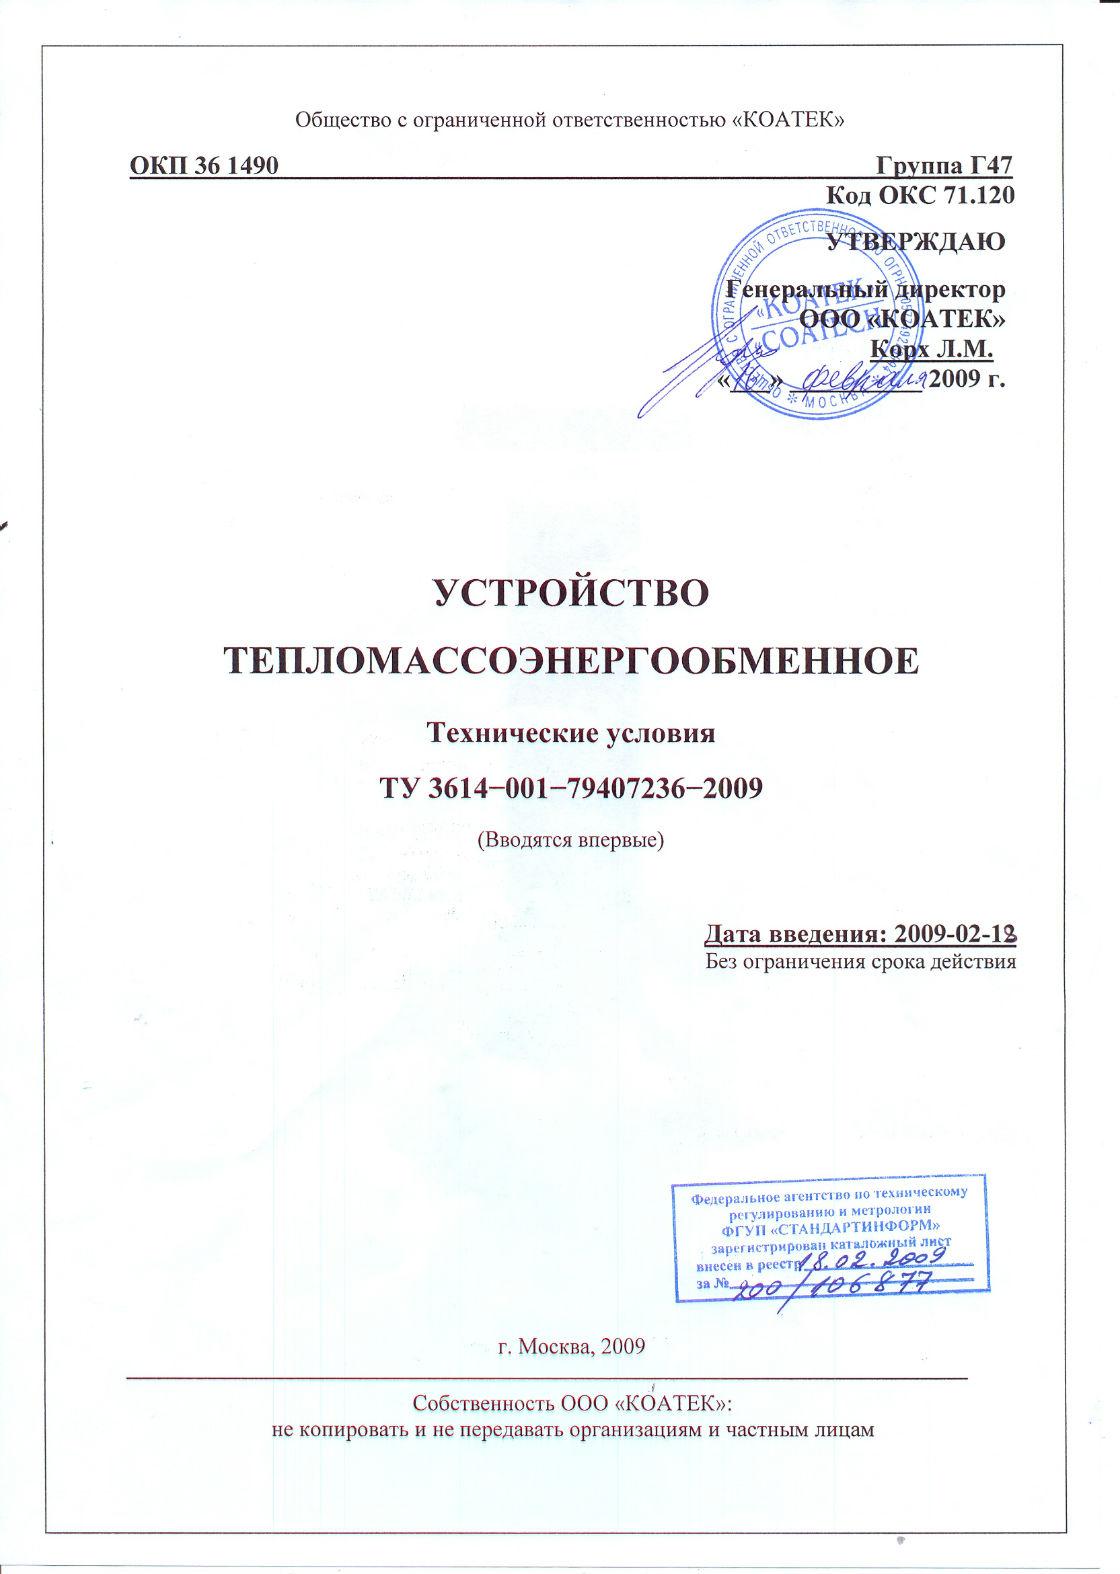 титульный лист коммерческого предложения образец